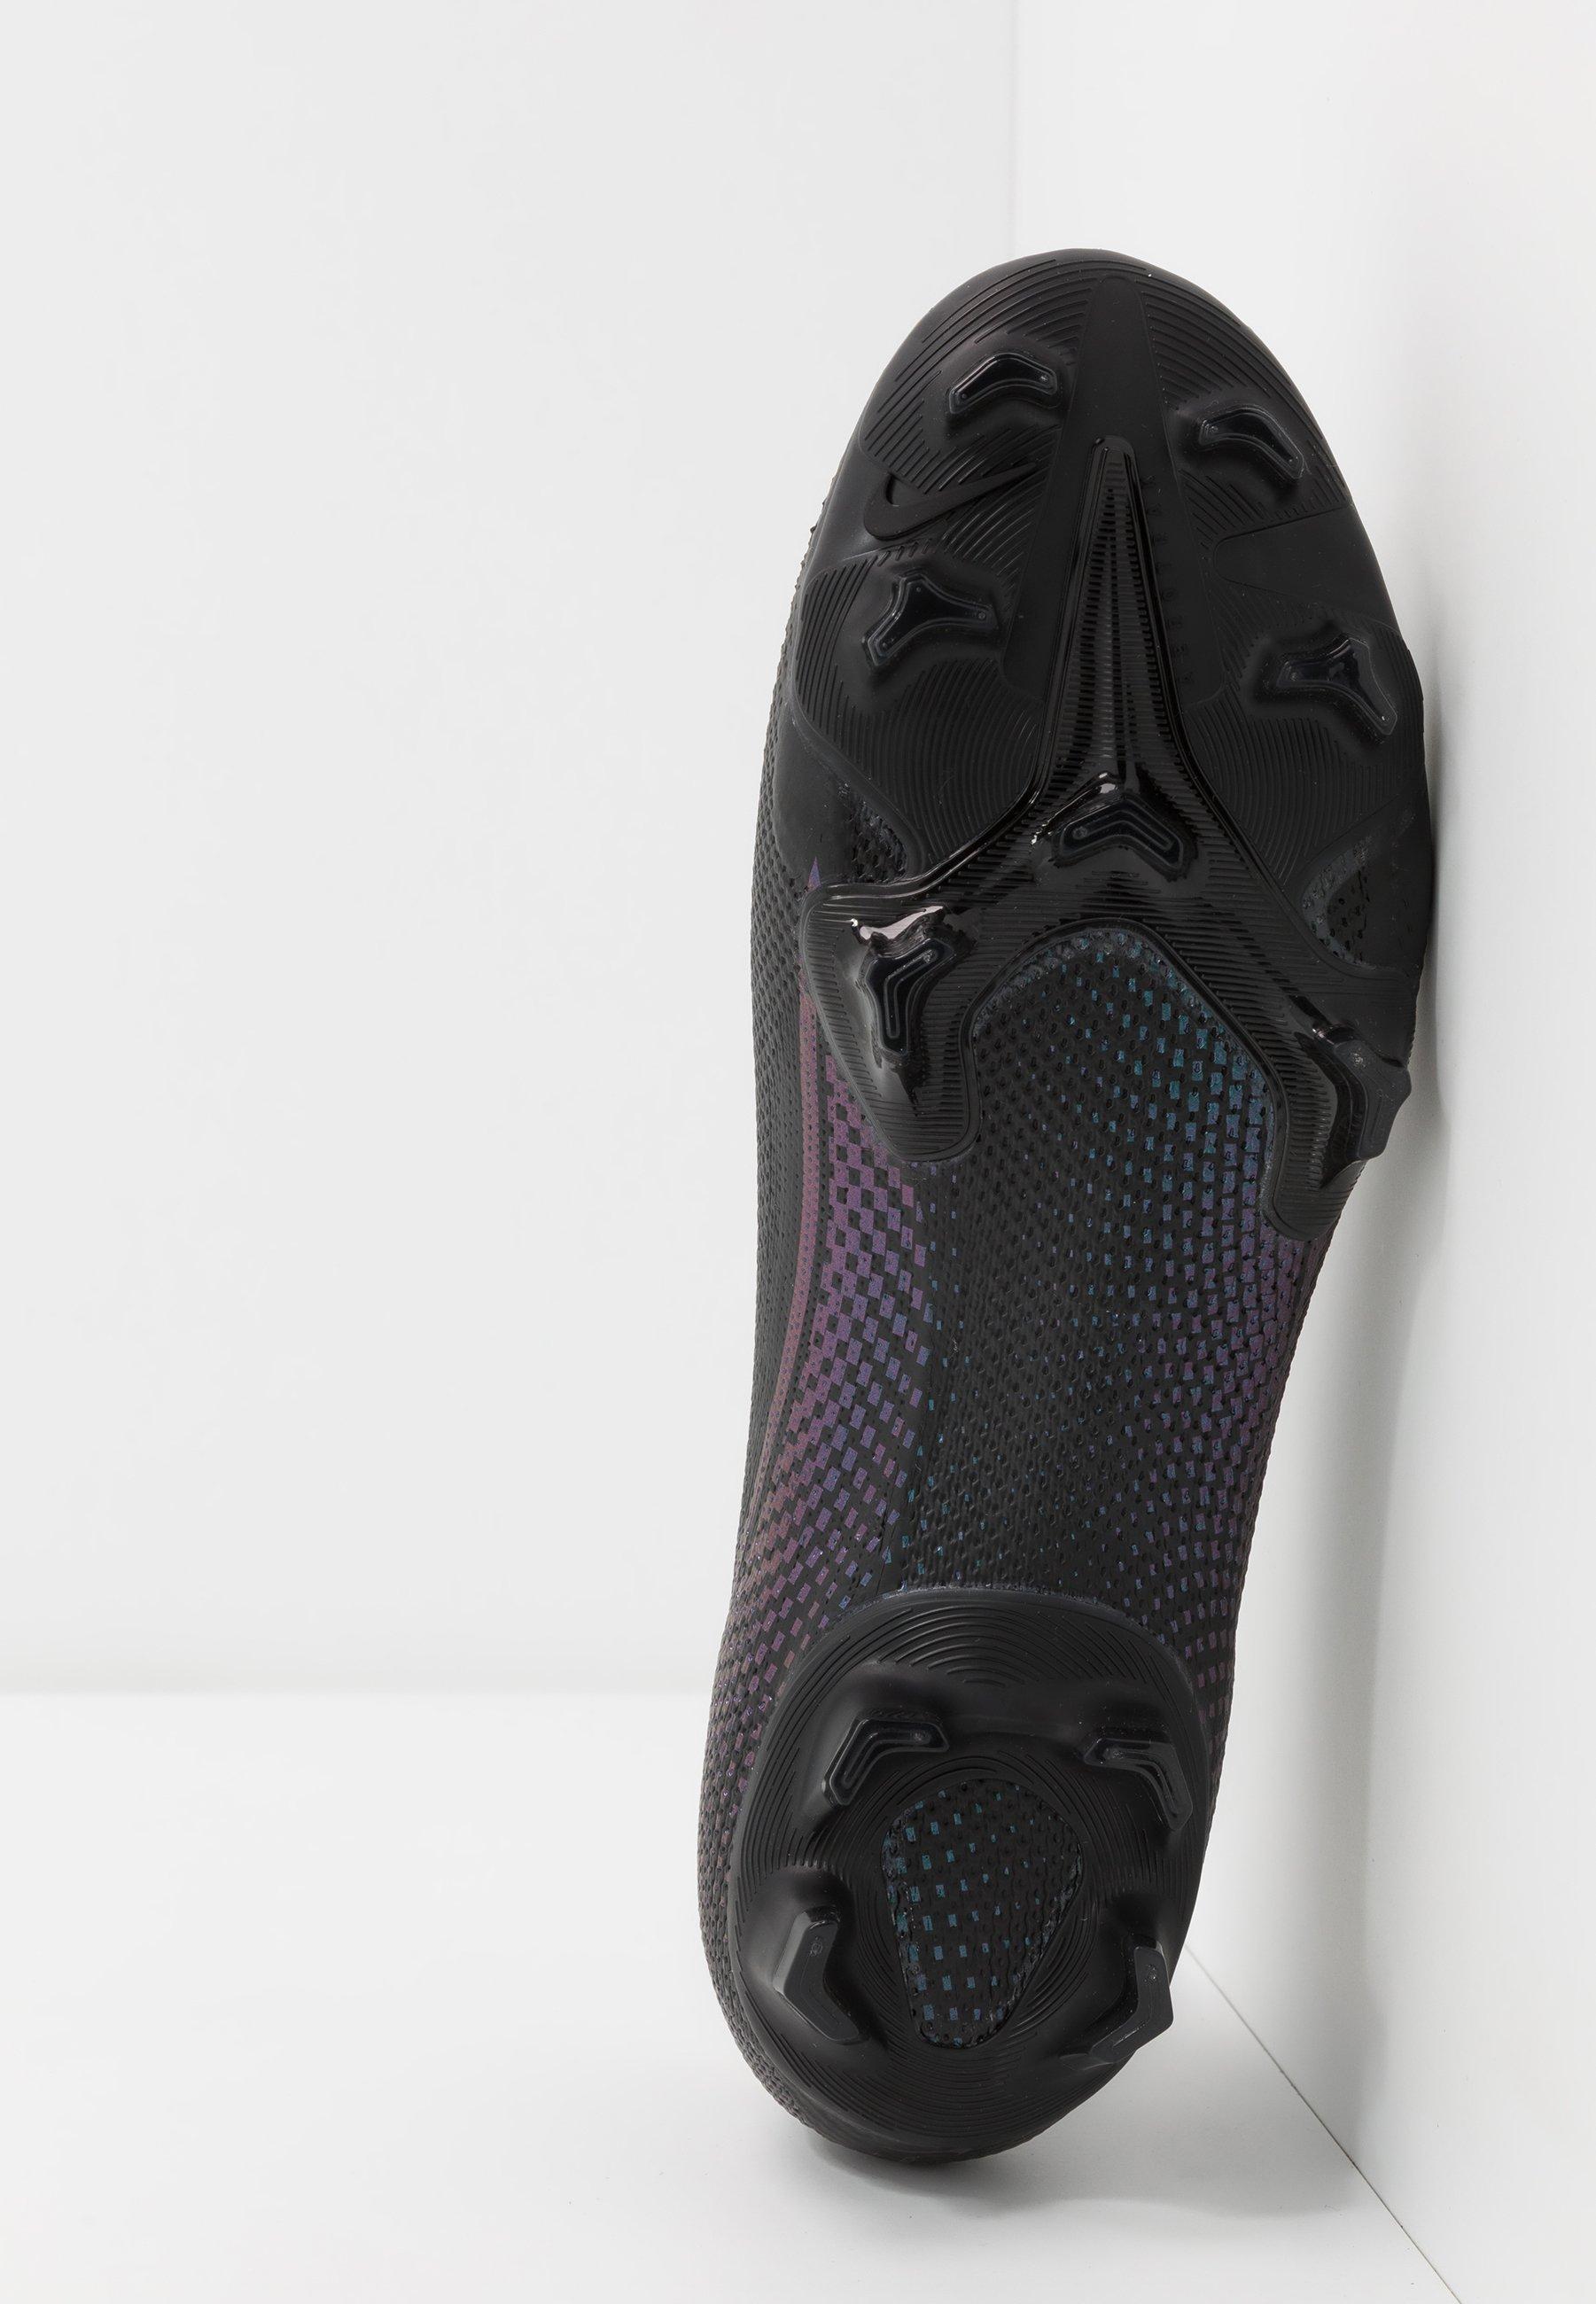 Nike Performance Mercurial Vapor 13 Pro Fg - Fodboldstøvler M/ Faste Knobber Black